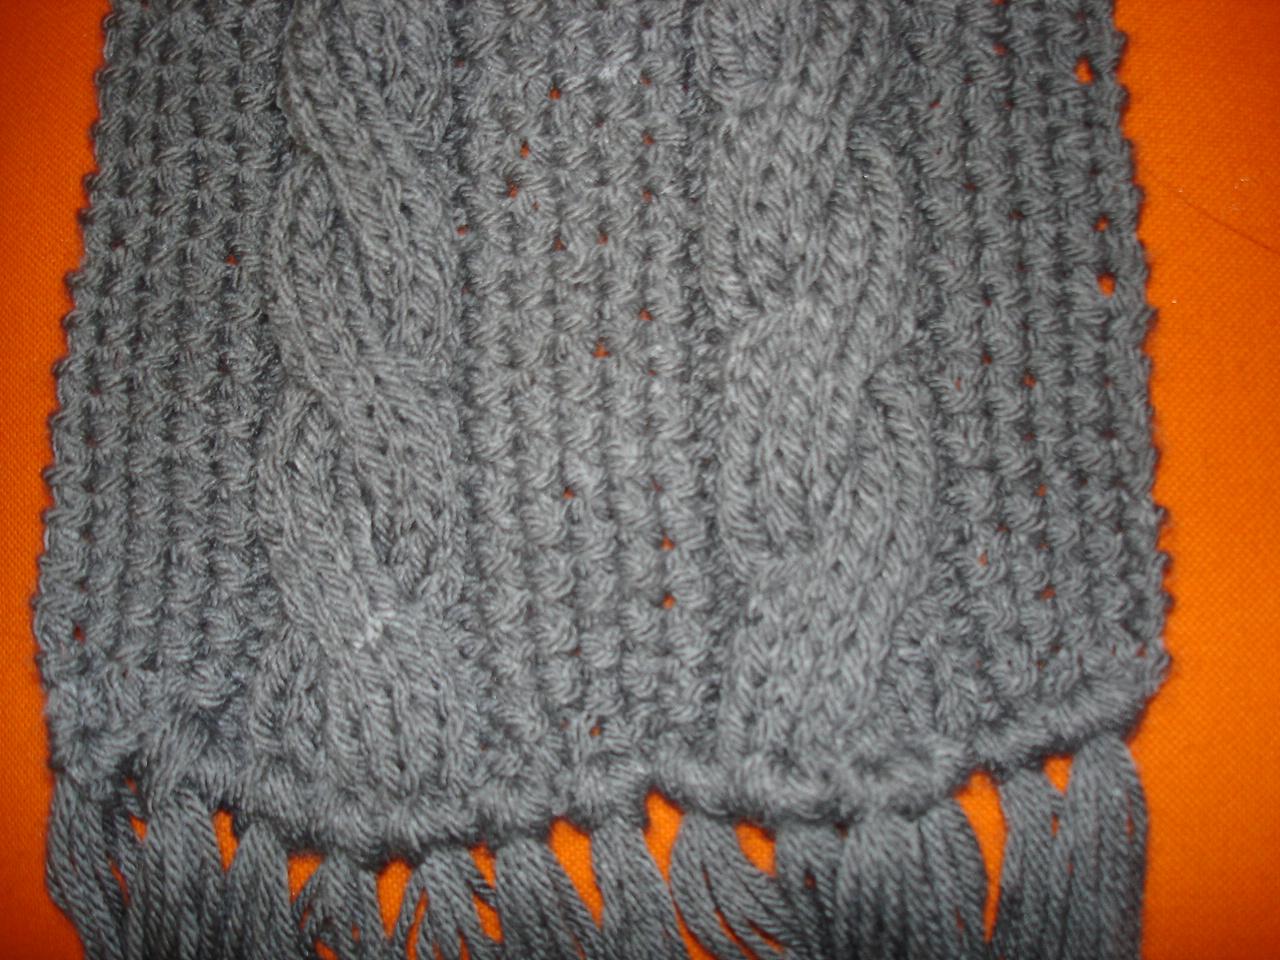 Aquí muestro una bufanda realizada en punto arroz y dos columnas de trenzas. El gorro lleva la misma puntada, ambos fueron tejidos con agujas del No. 6